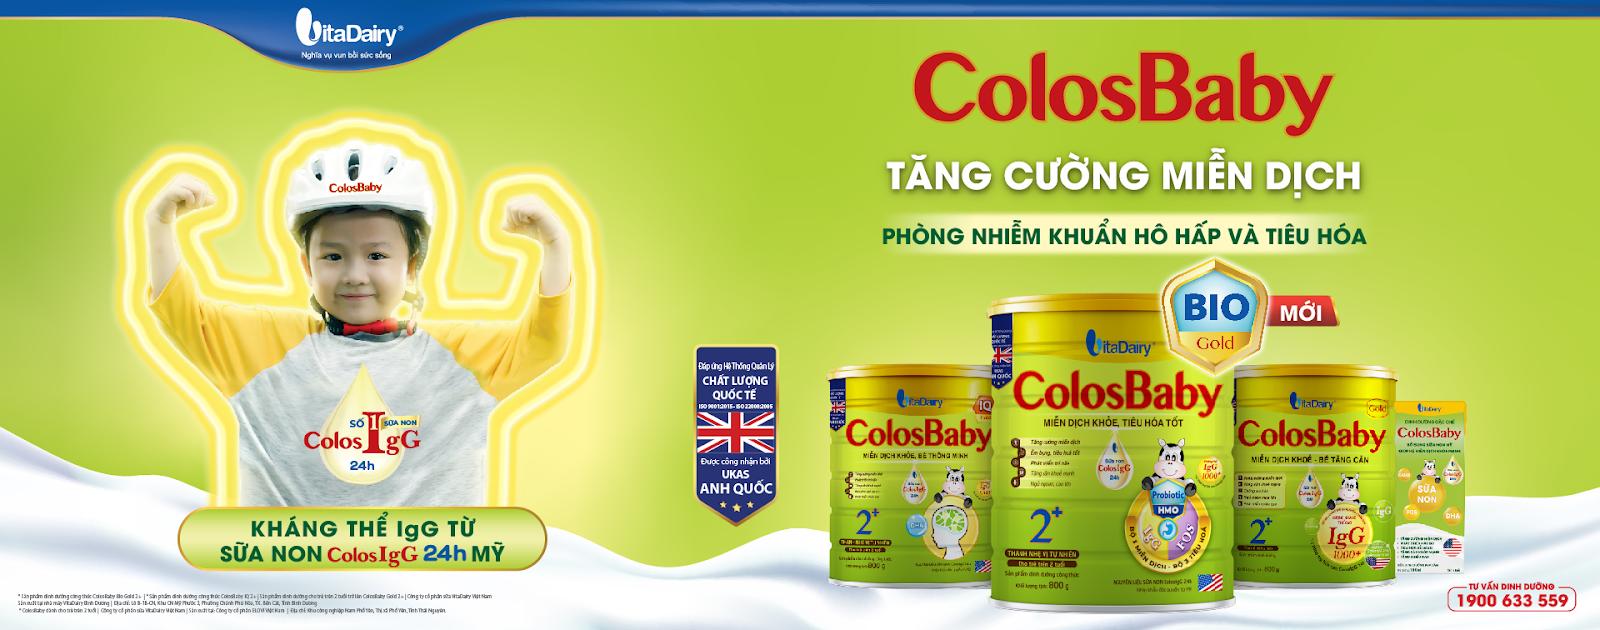 Gia Đình ColosBaby bổ sung kháng thể IgG tự nhiên từ sữa non ColosIgG 24h độc quyền từ Mỹ